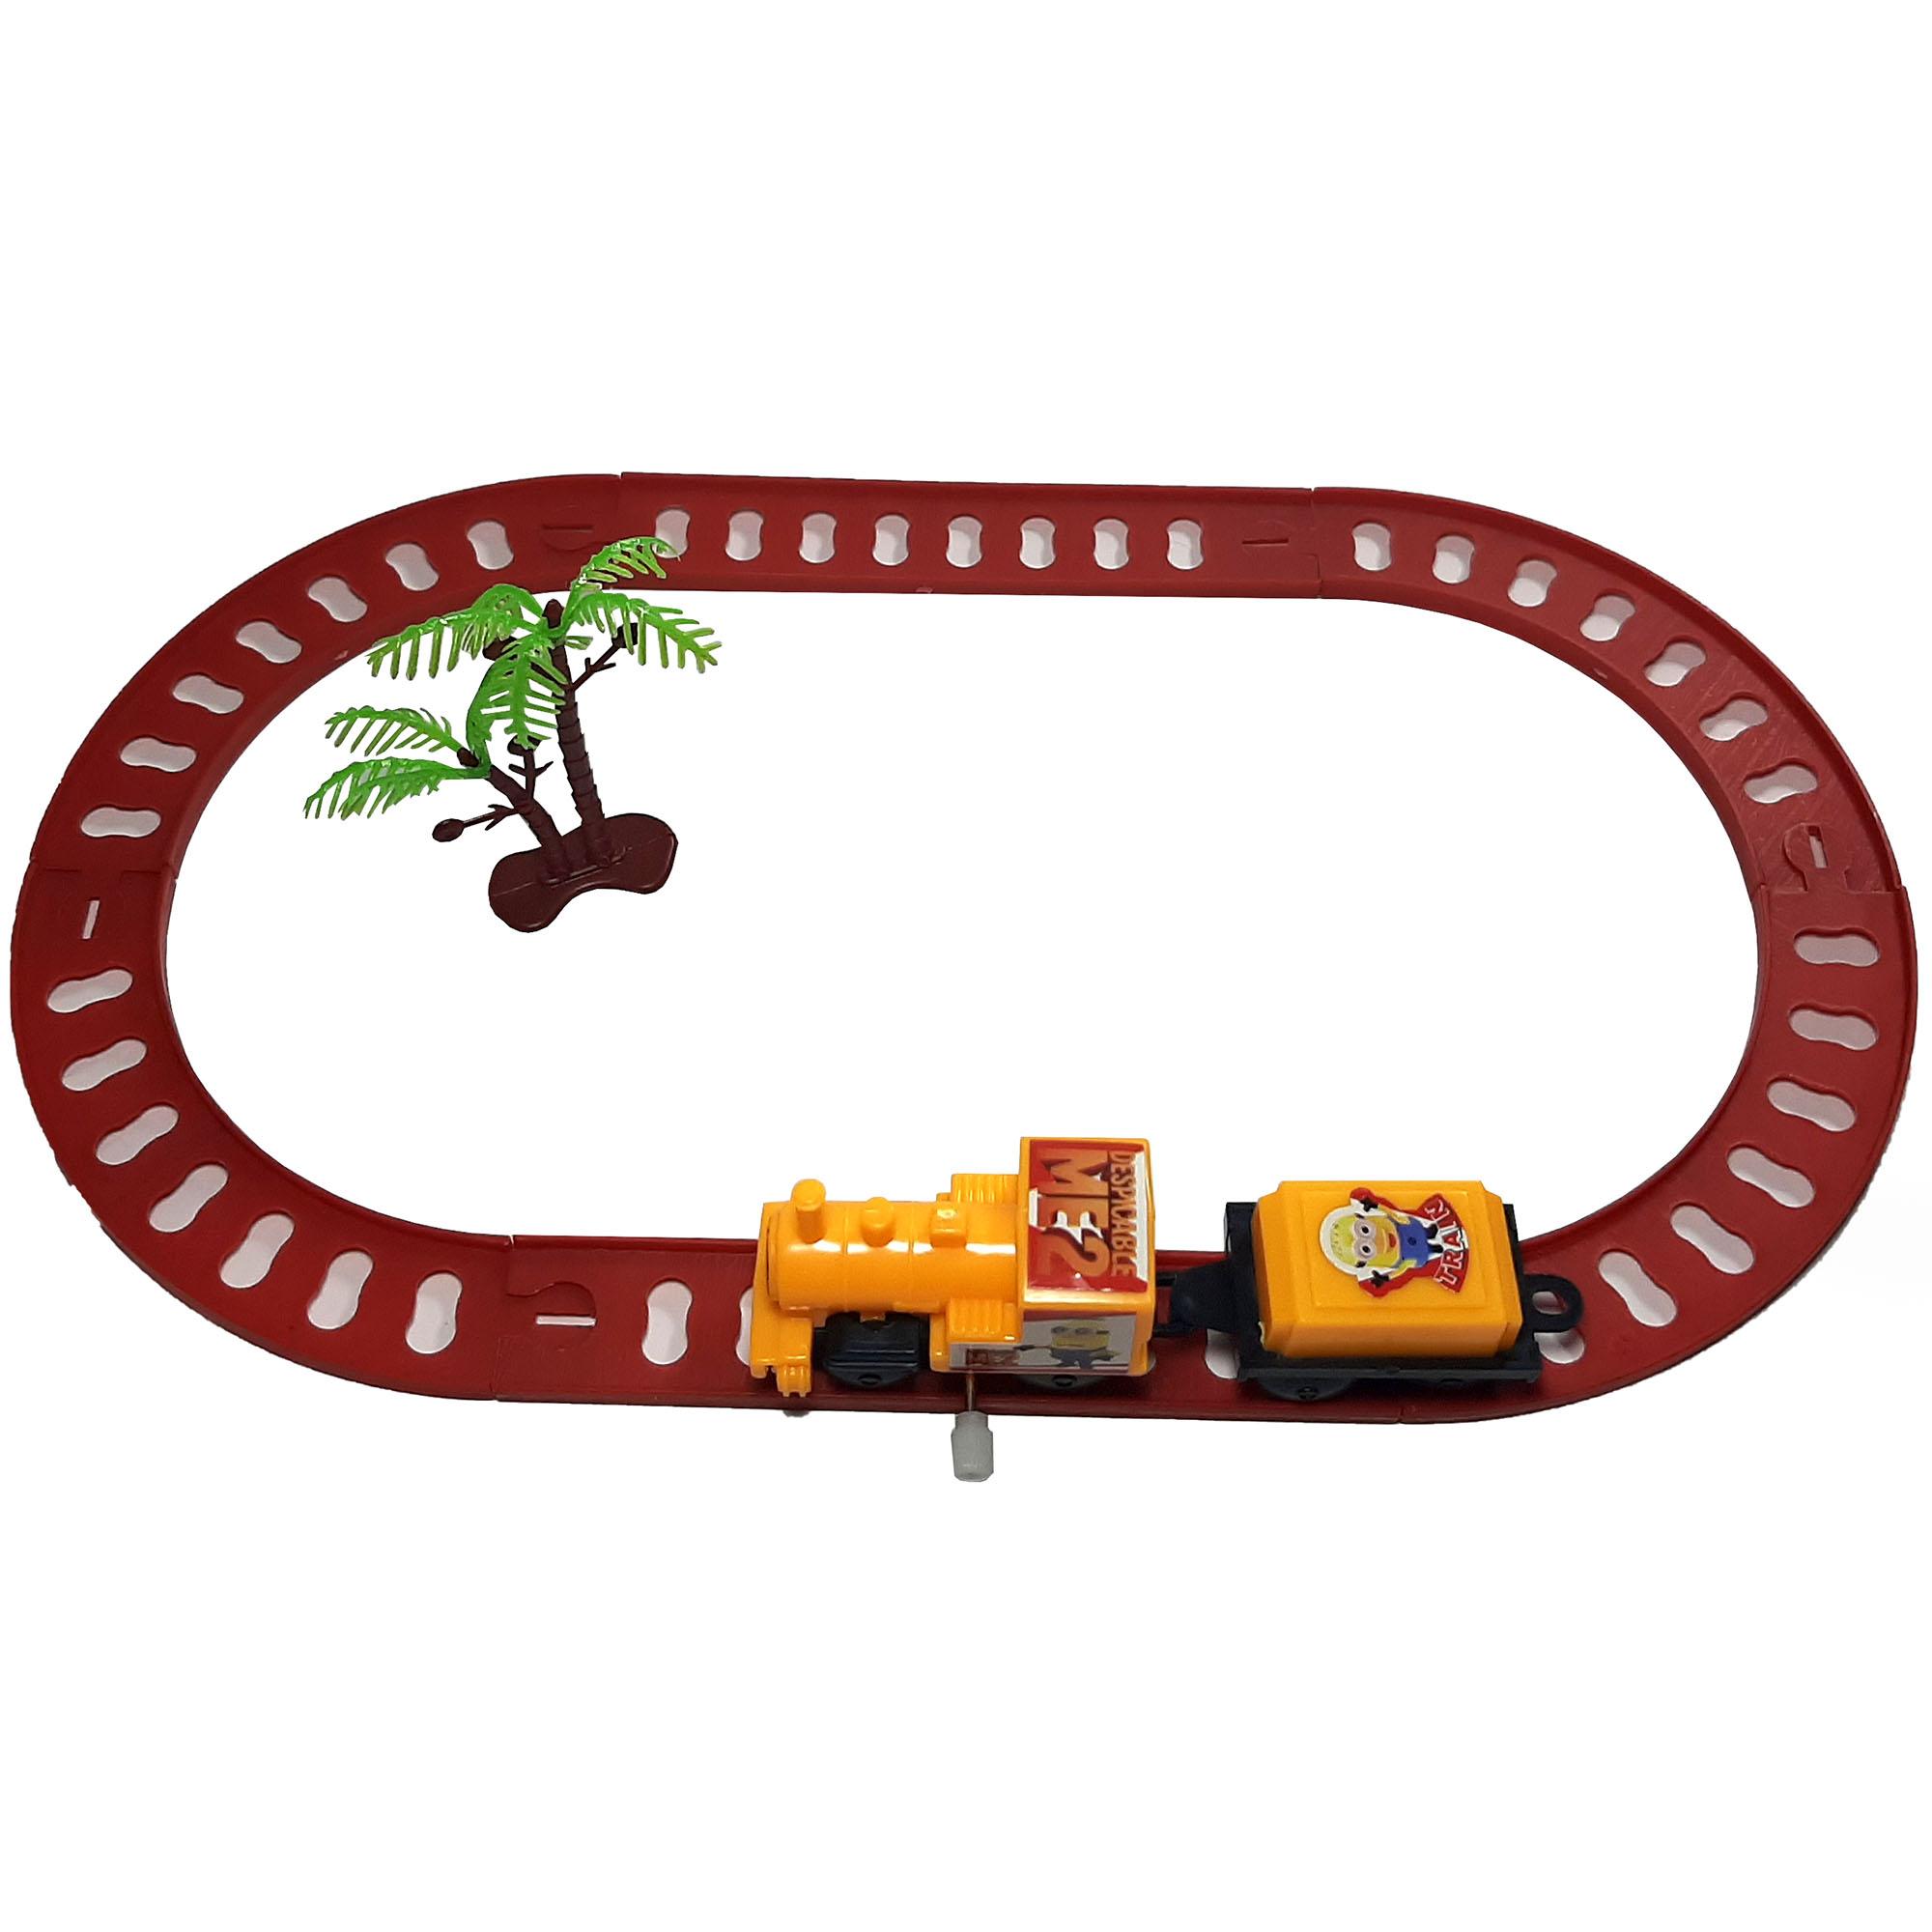 قطار بازی مدل کوکی